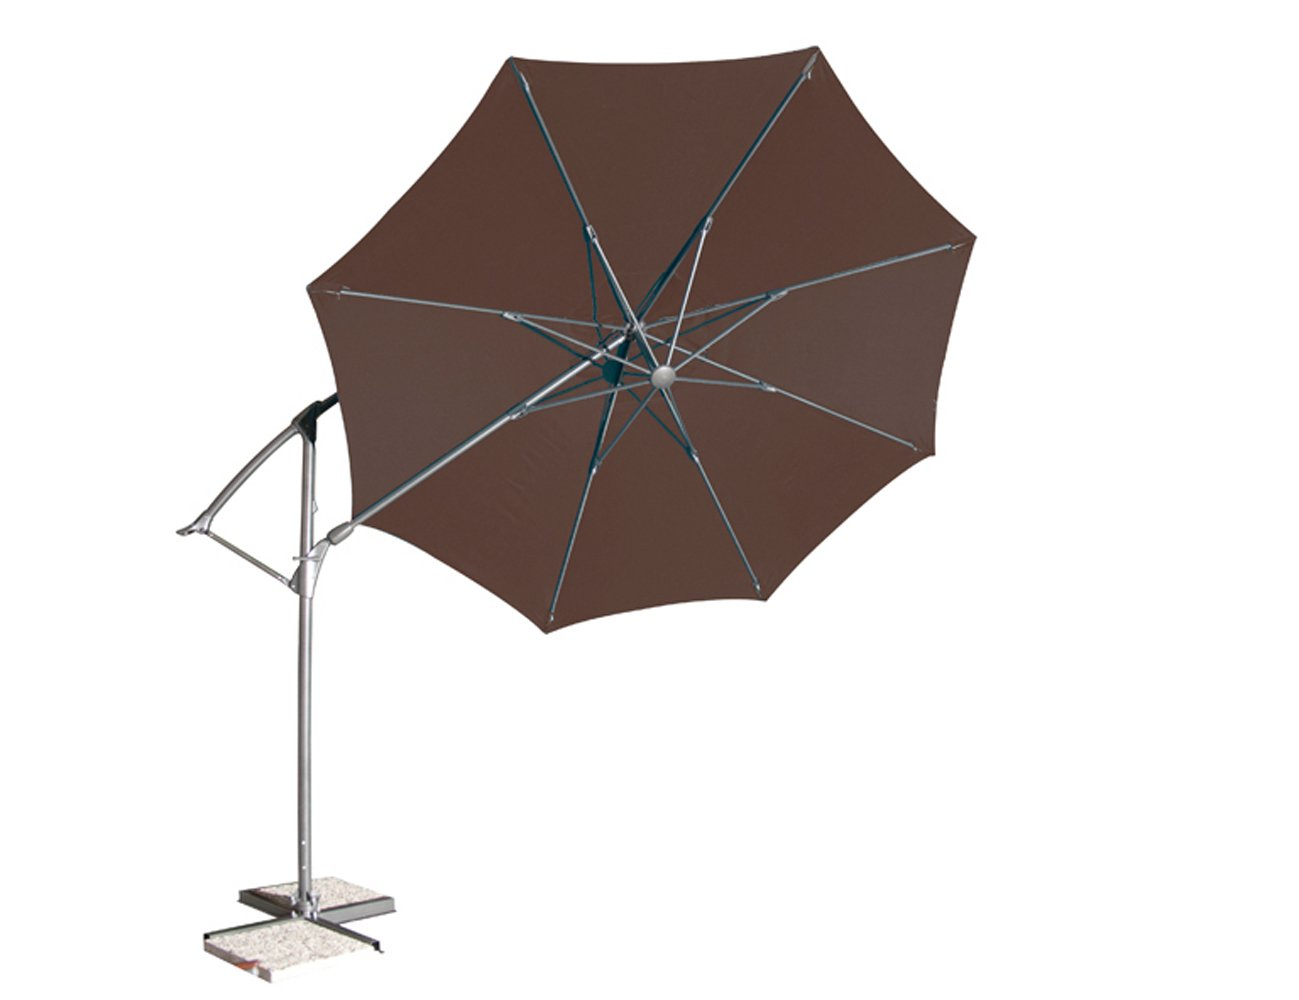 Siena Garden 673248 Catania Ampelschirm Bezug mocca Gestell champagner Ø 330 cm günstig online kaufen